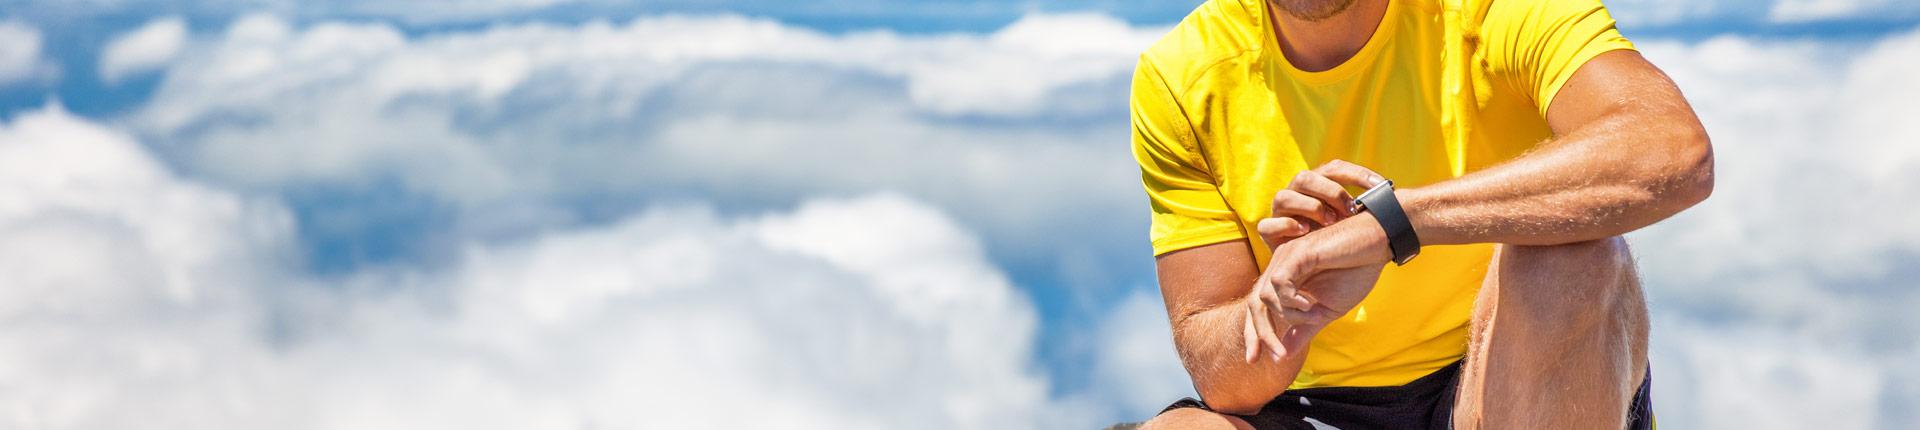 Trening wysokogórski: Po co sportowcy jeżdżą w góry? Mieszkaj wysoko, trenuj nisko